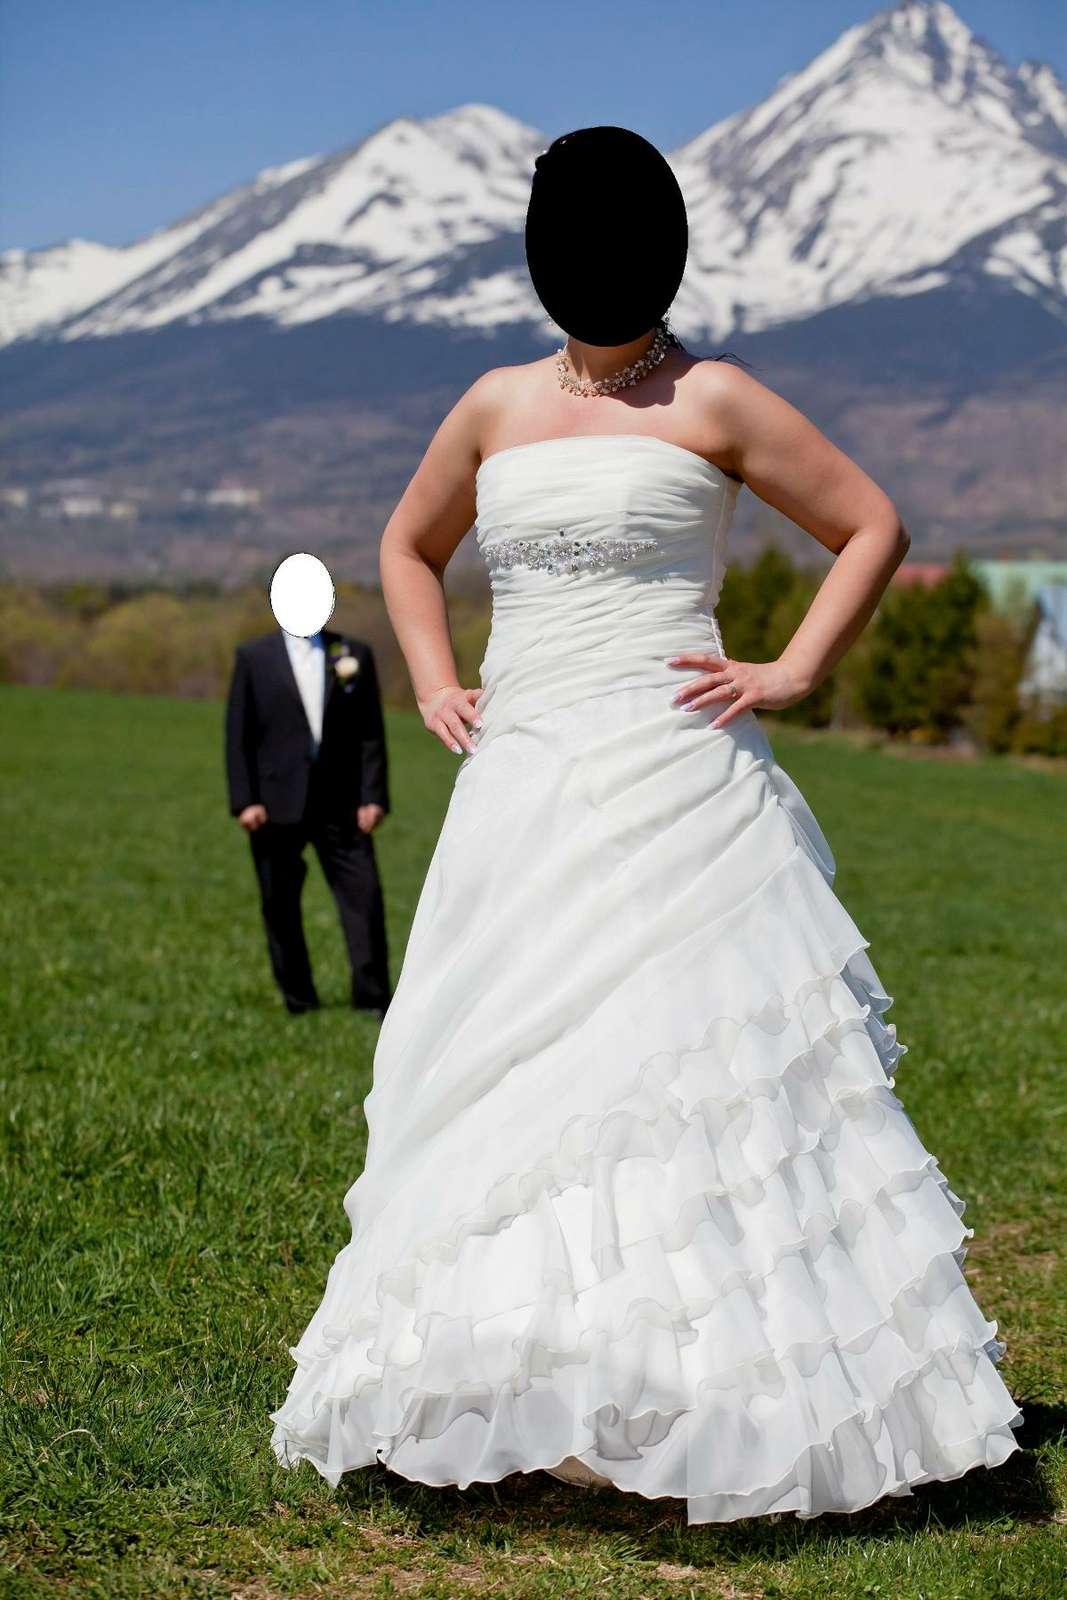 Svadobné šaty s doplnkami 42/44 - Obrázok č. 1